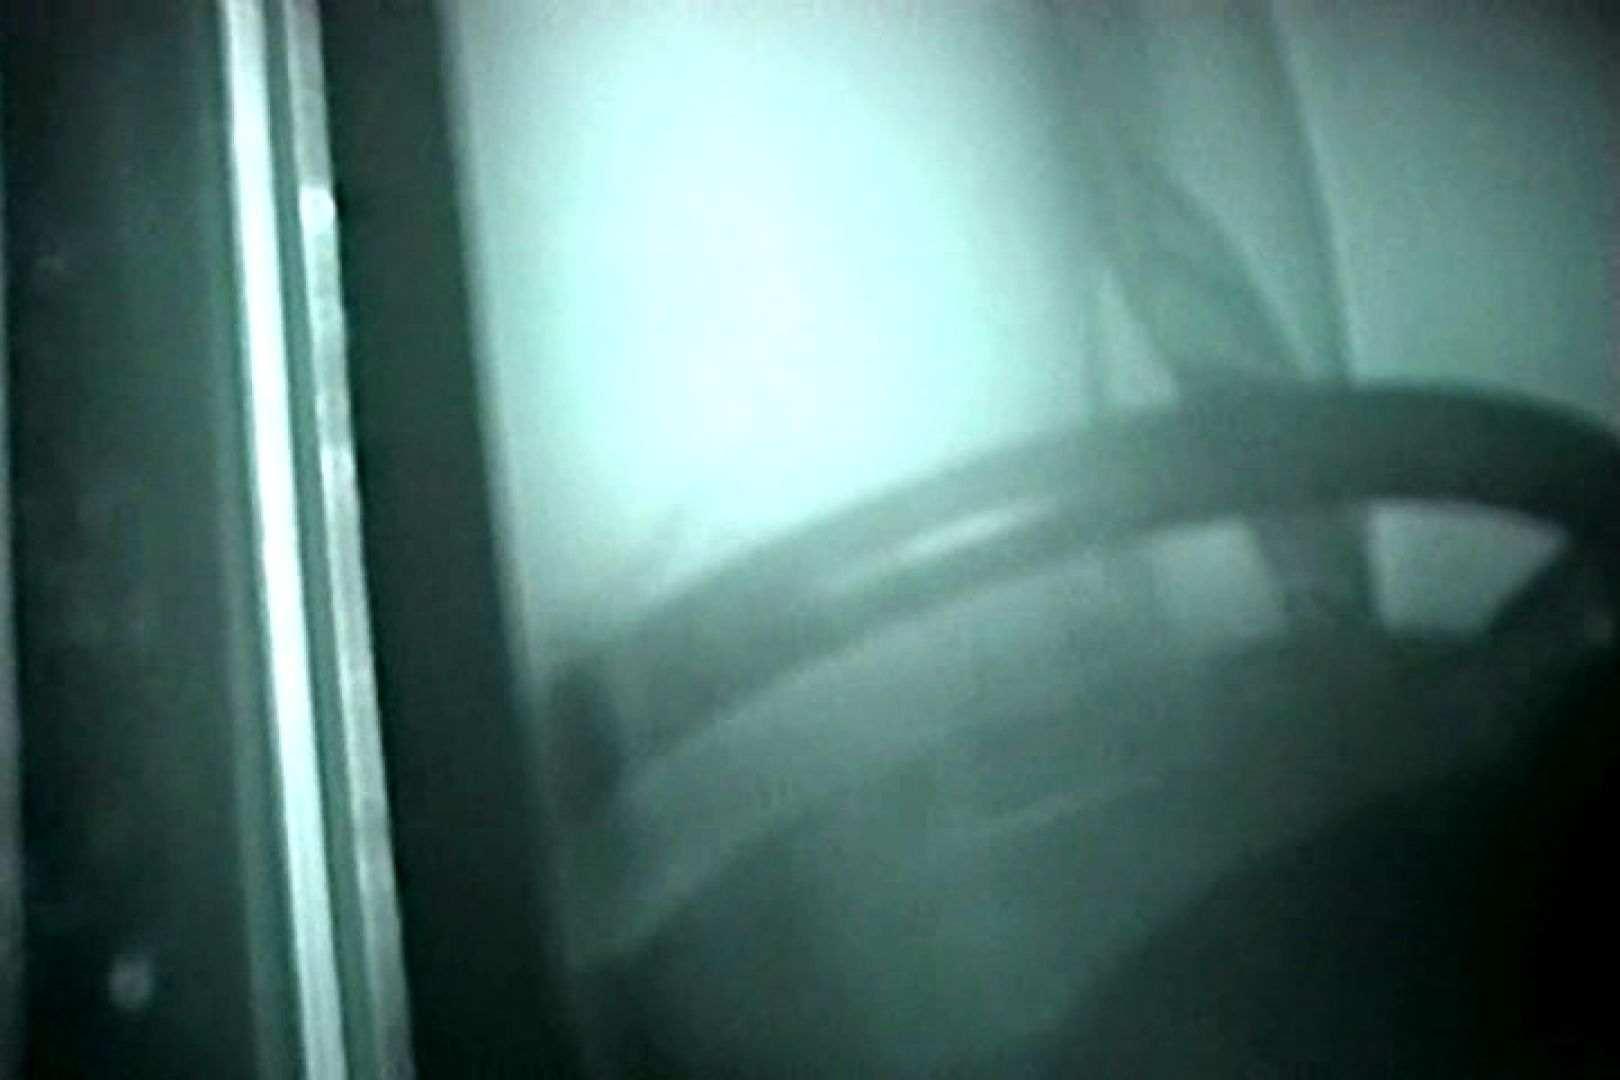 充血監督の深夜の運動会Vol.131 車中はめどり AV動画キャプチャ 93画像 26